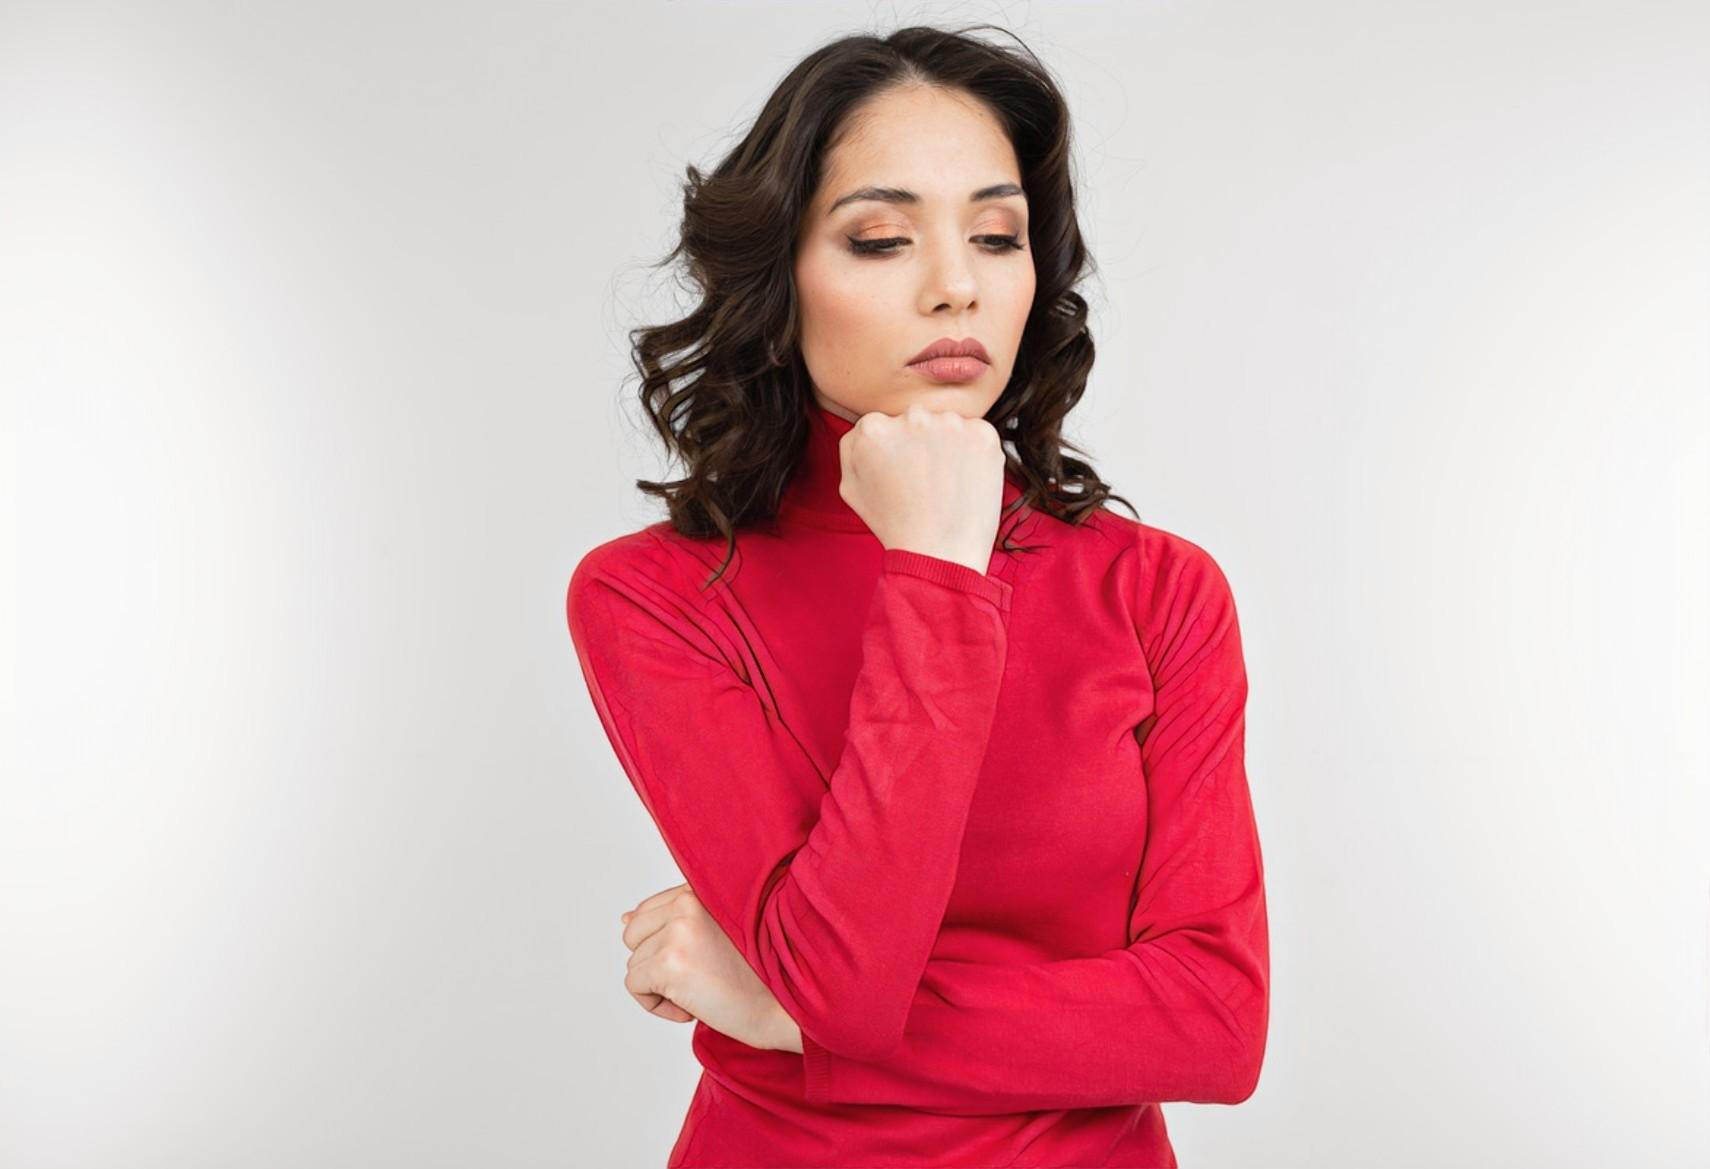 Девушка размышляет, как можно удалить растяжки